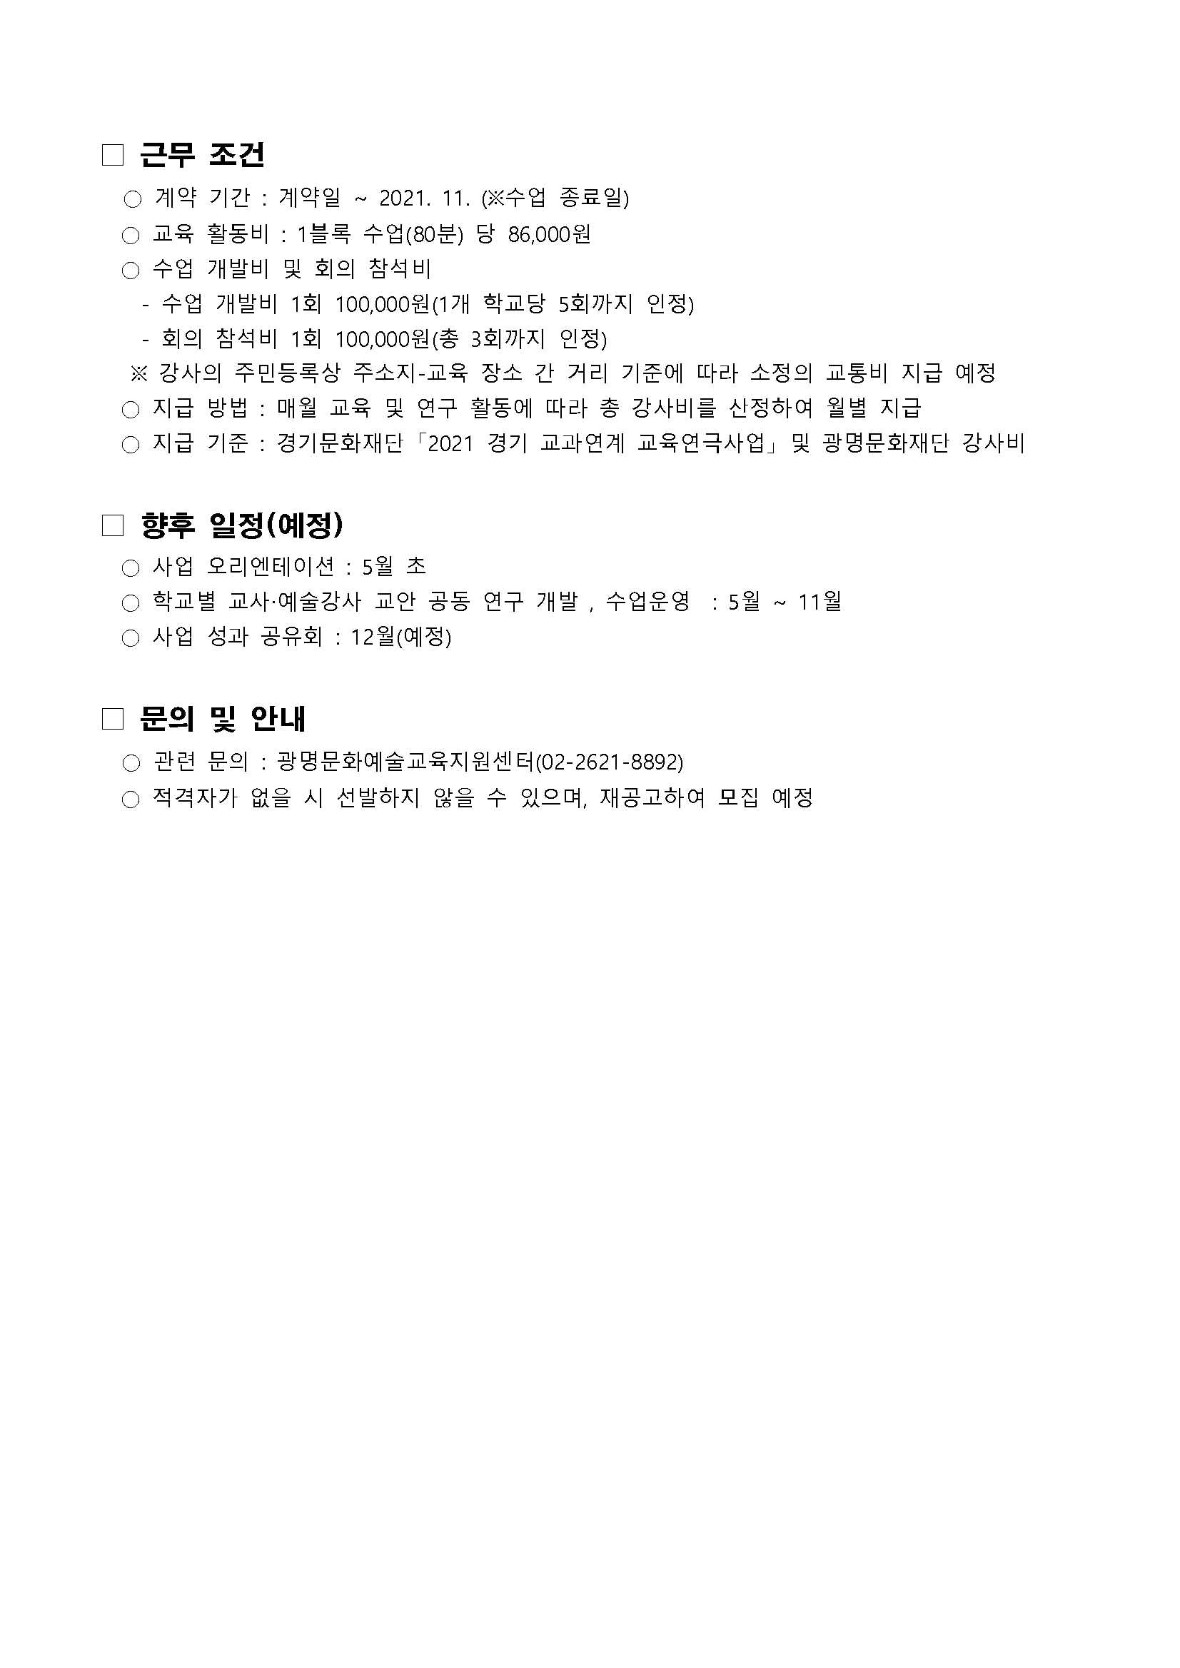 1. 광명문화예술교육지원센터 학교문화예술교육지원사업 예술강사 공고문_3.jpg